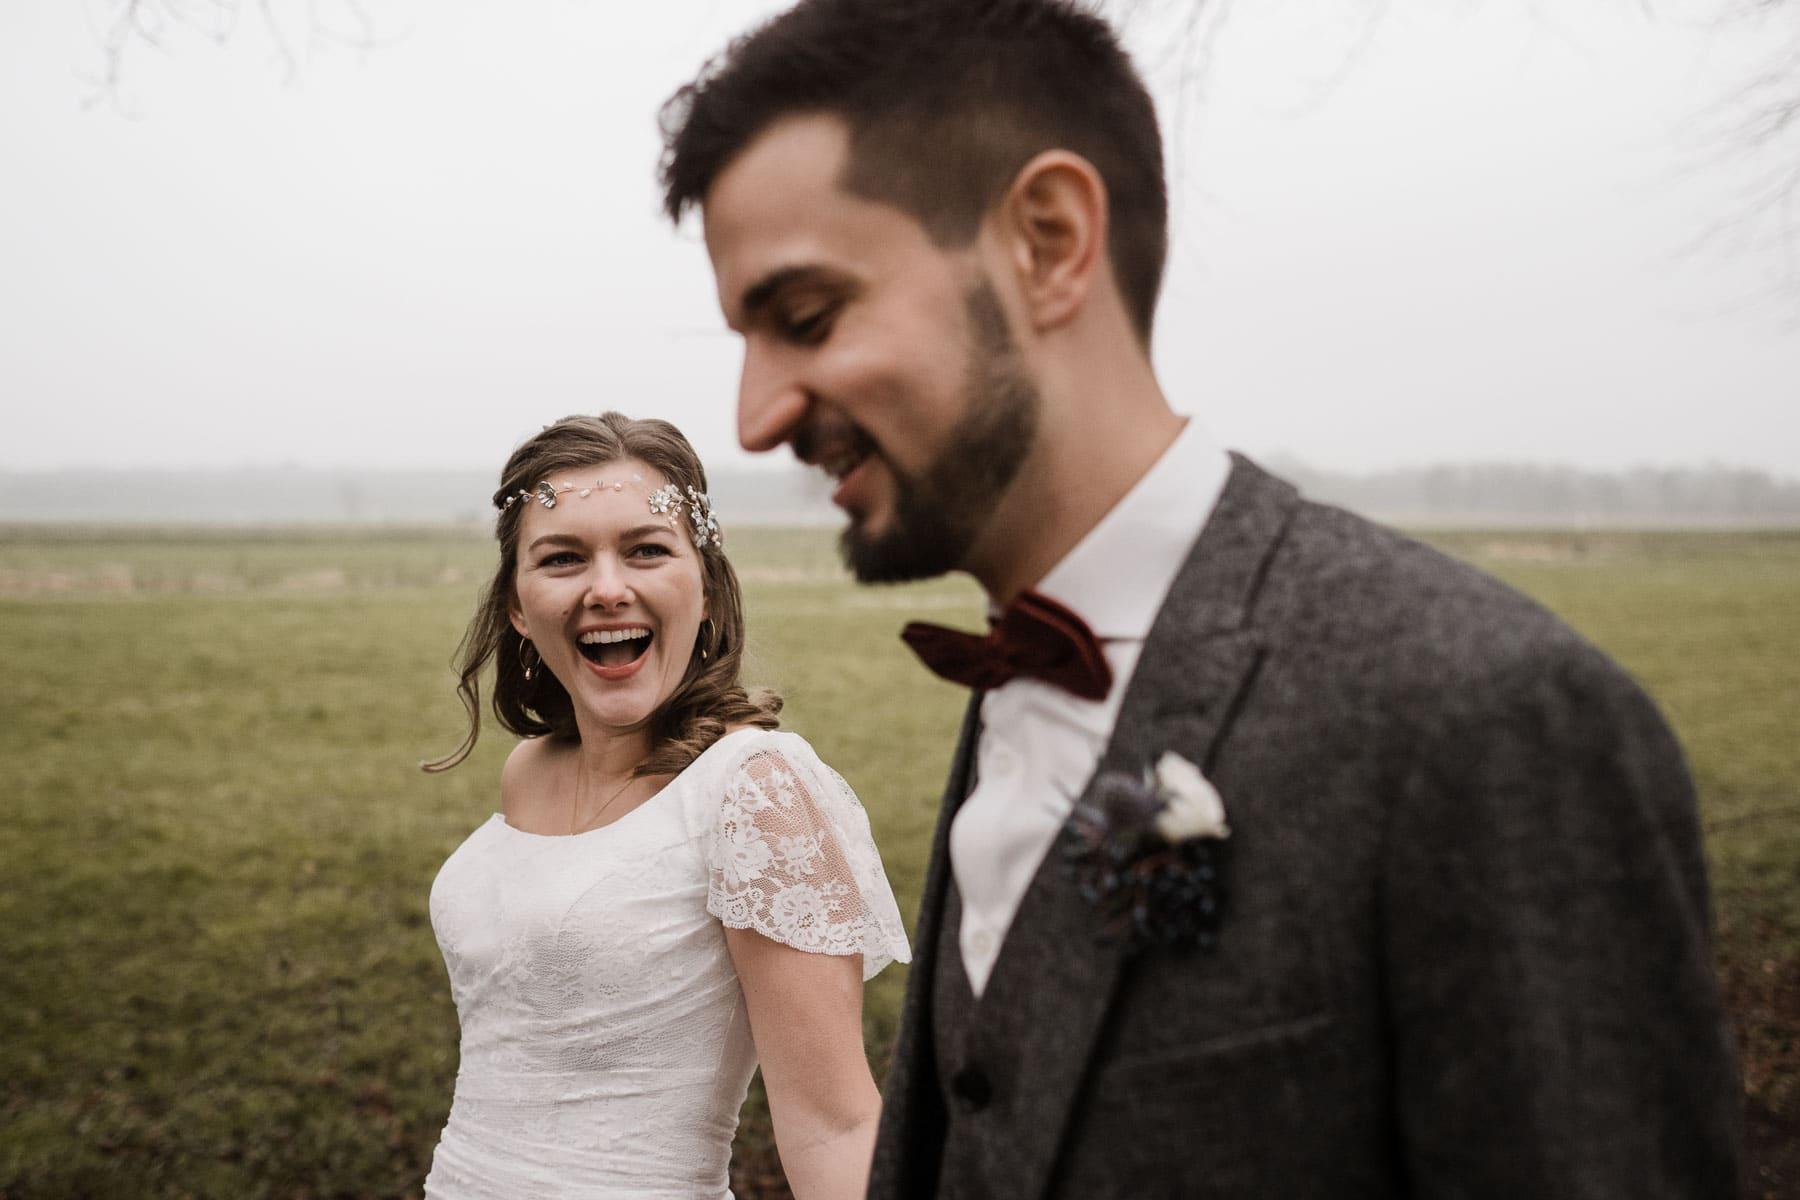 ein Brautpaar steht draußen vor einer großen Weide, in der Ferne ist es nebelig, das Brautpaar steht nebeneinander, Hand in Hand, die Braut schaut zu dem Bräutigam, sie lacht